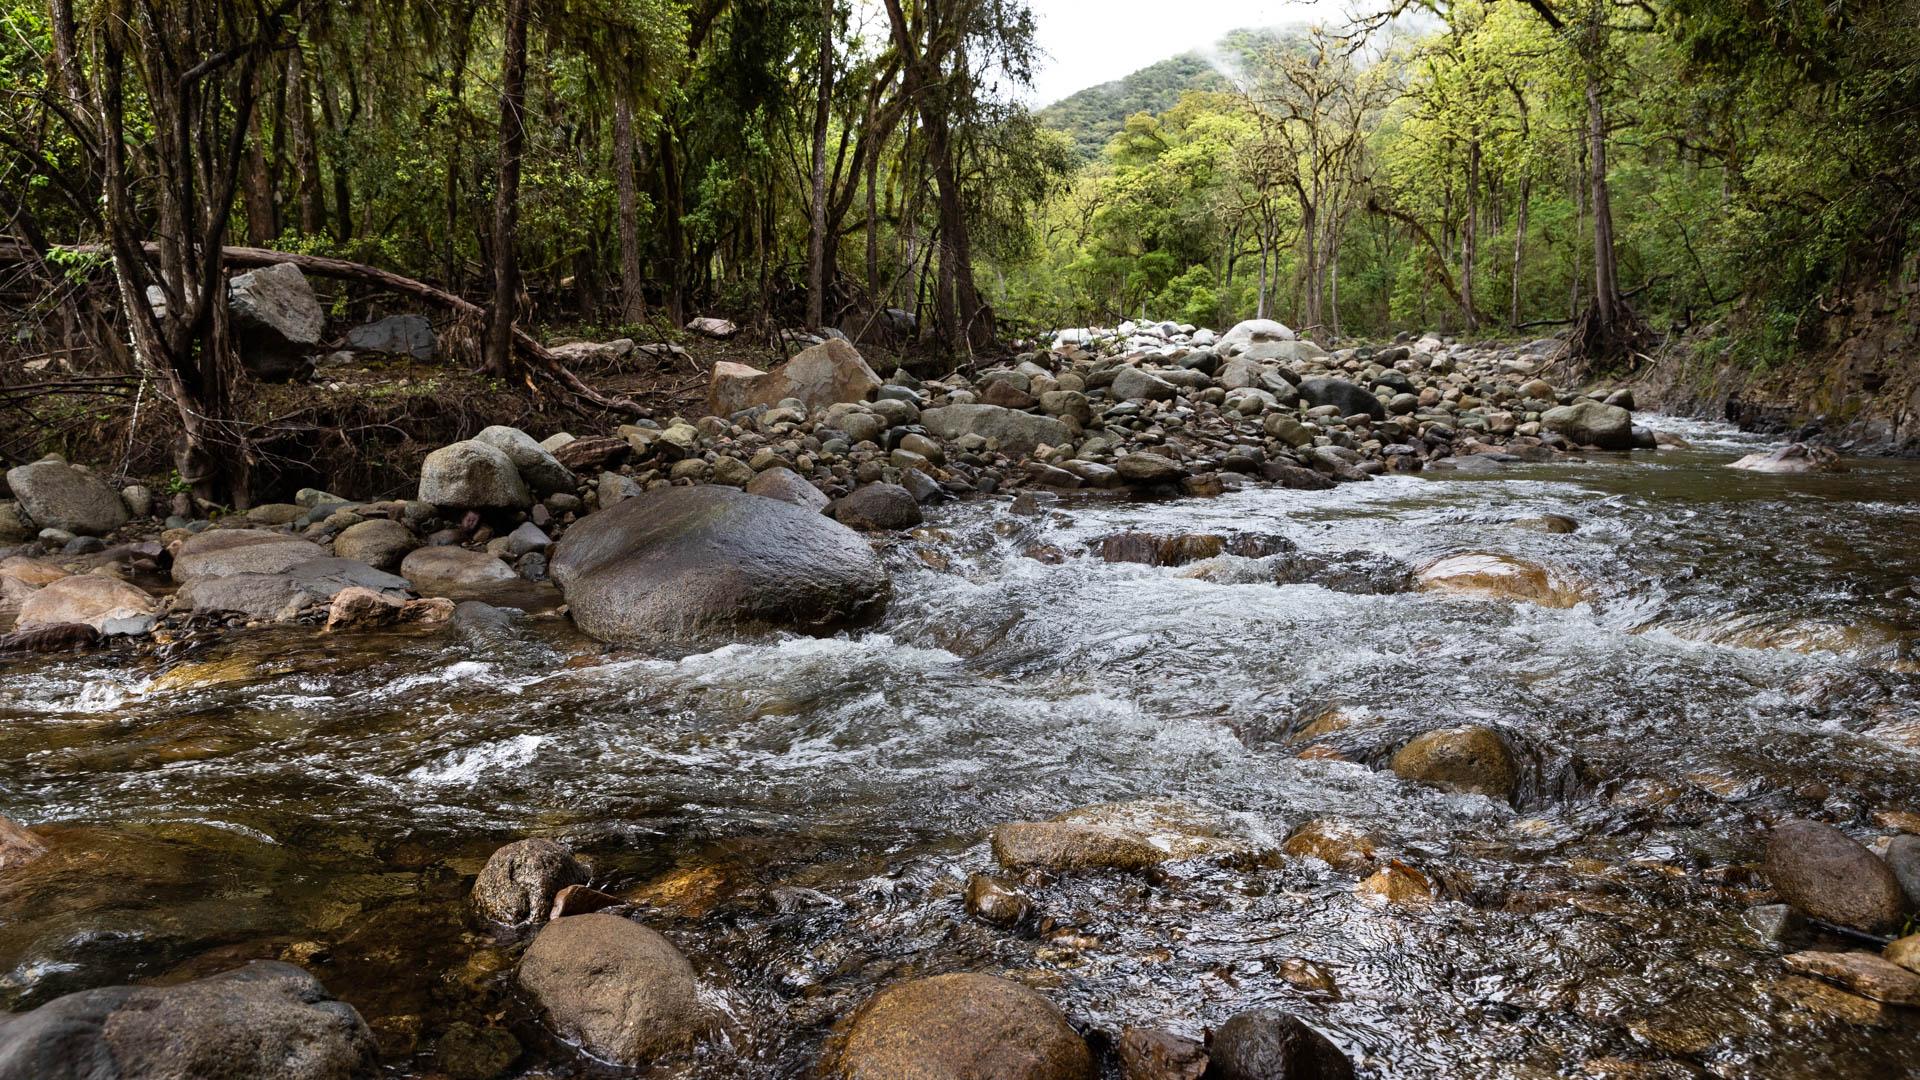 La exuberancia de las yungas en Los Toldos, pueblo al que se accede solamente por Bolivia.